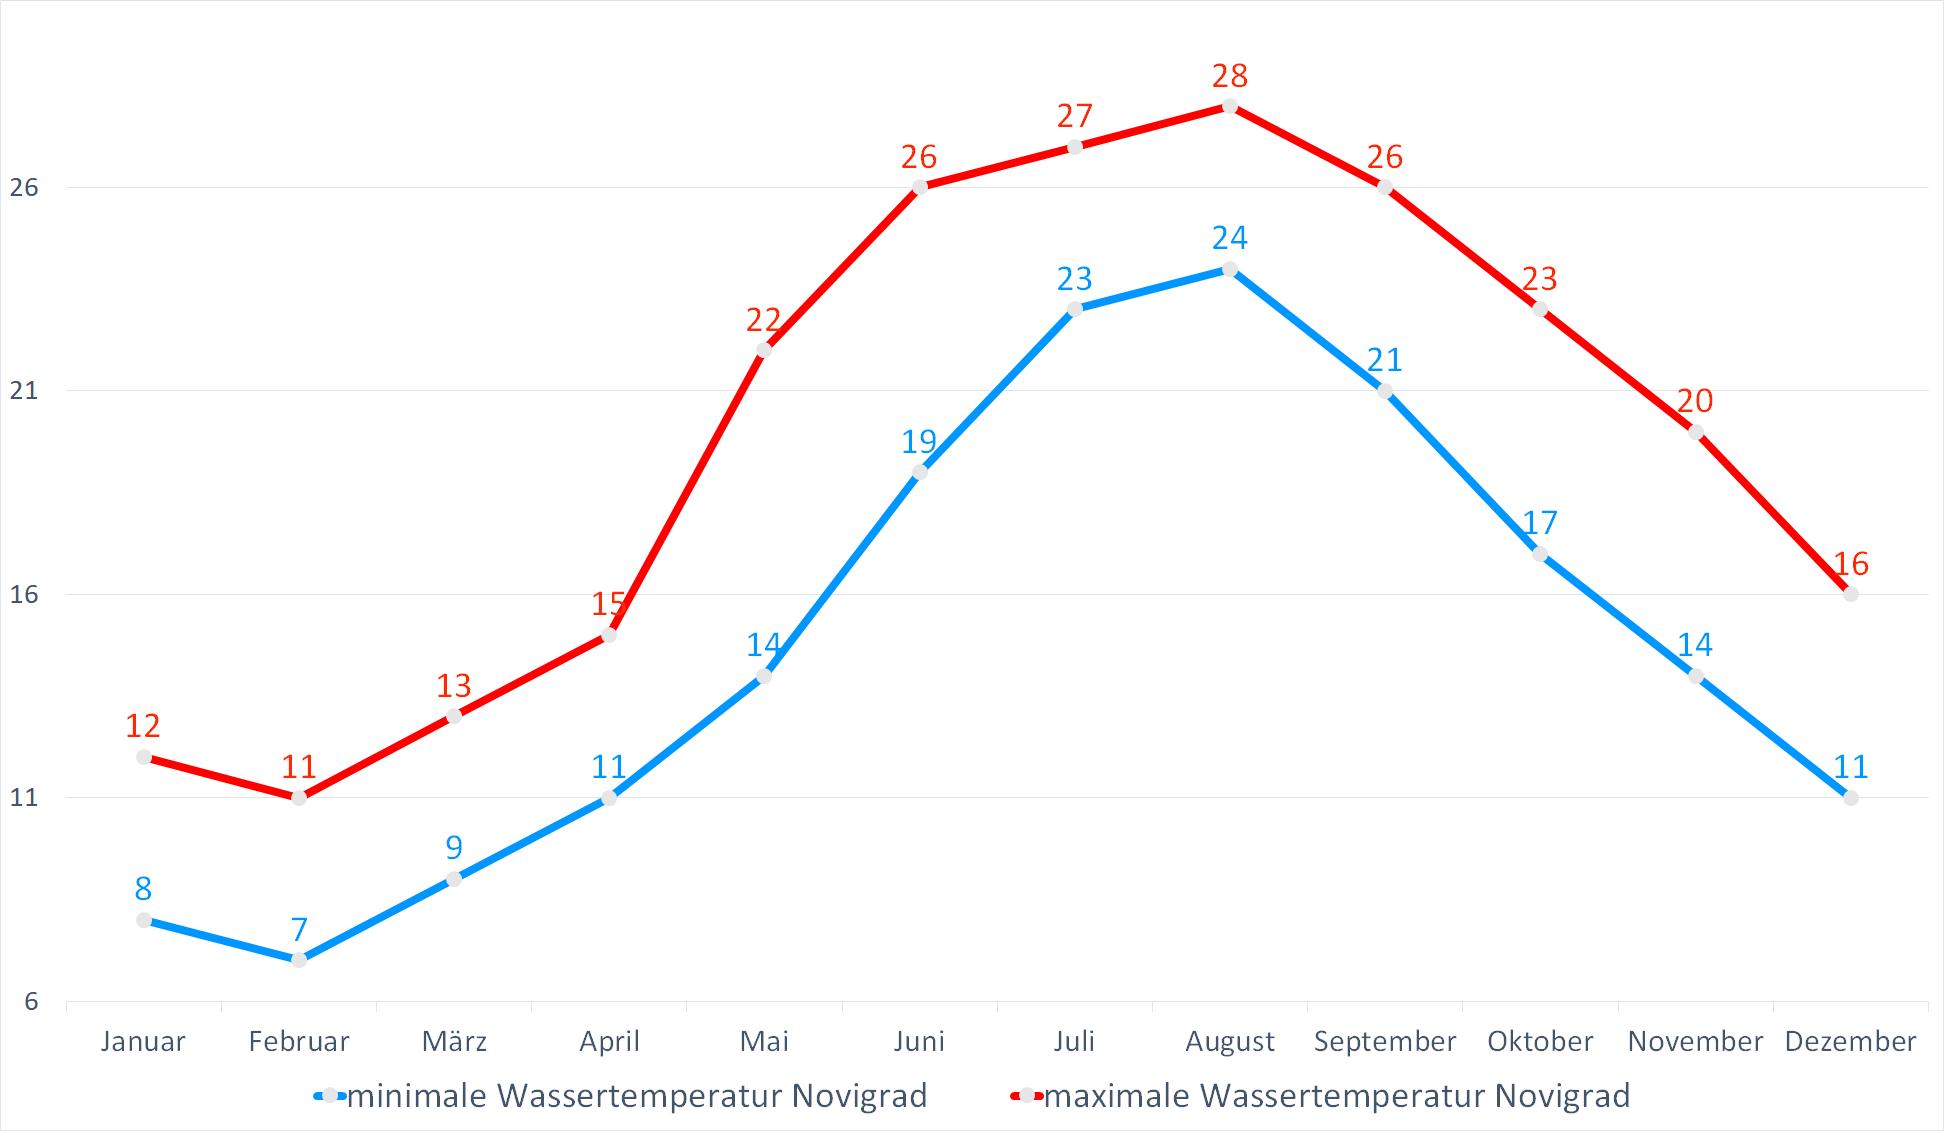 Minimale & Maximale Wassertemperaturen für Novigrad im Jahresverlauf